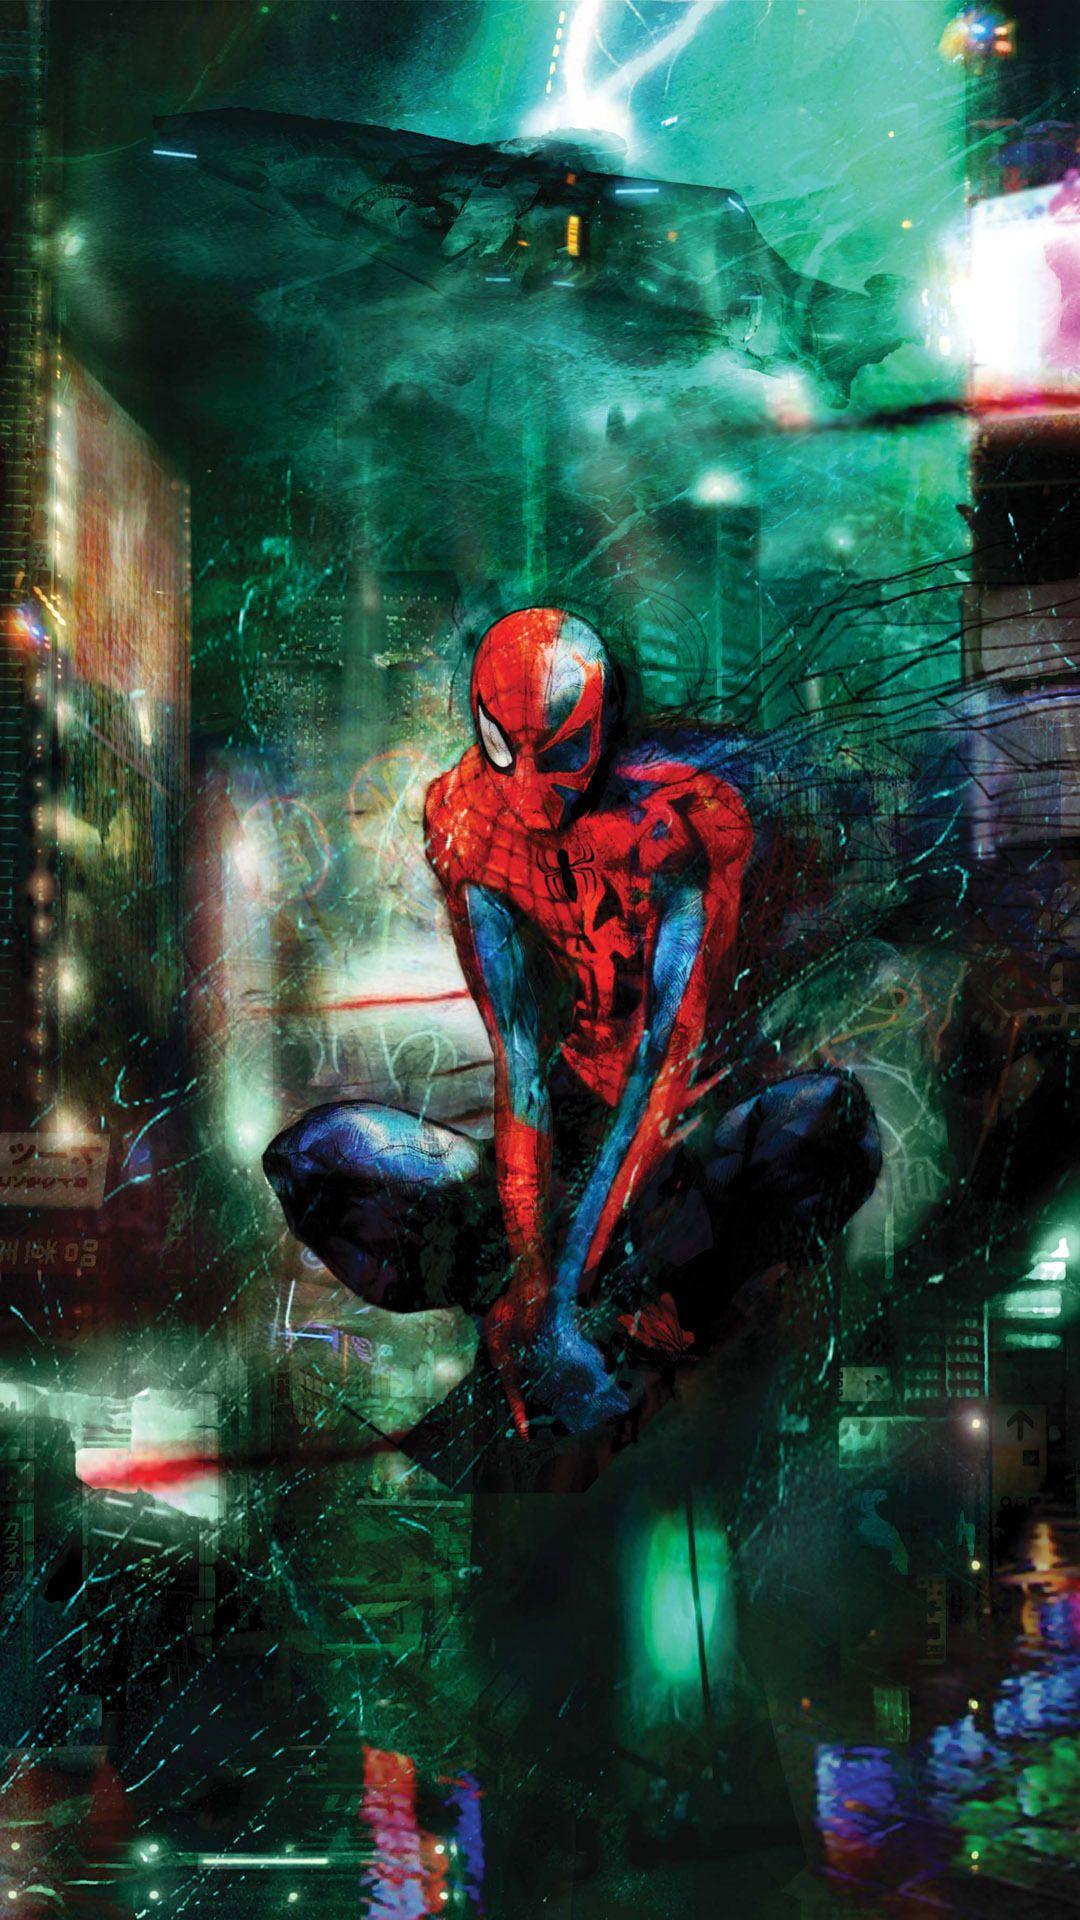 スパイダーマン Iphonex スマホ壁紙 待受画像ギャラリー マーベルのアート コミックブック マーベルヒーロー